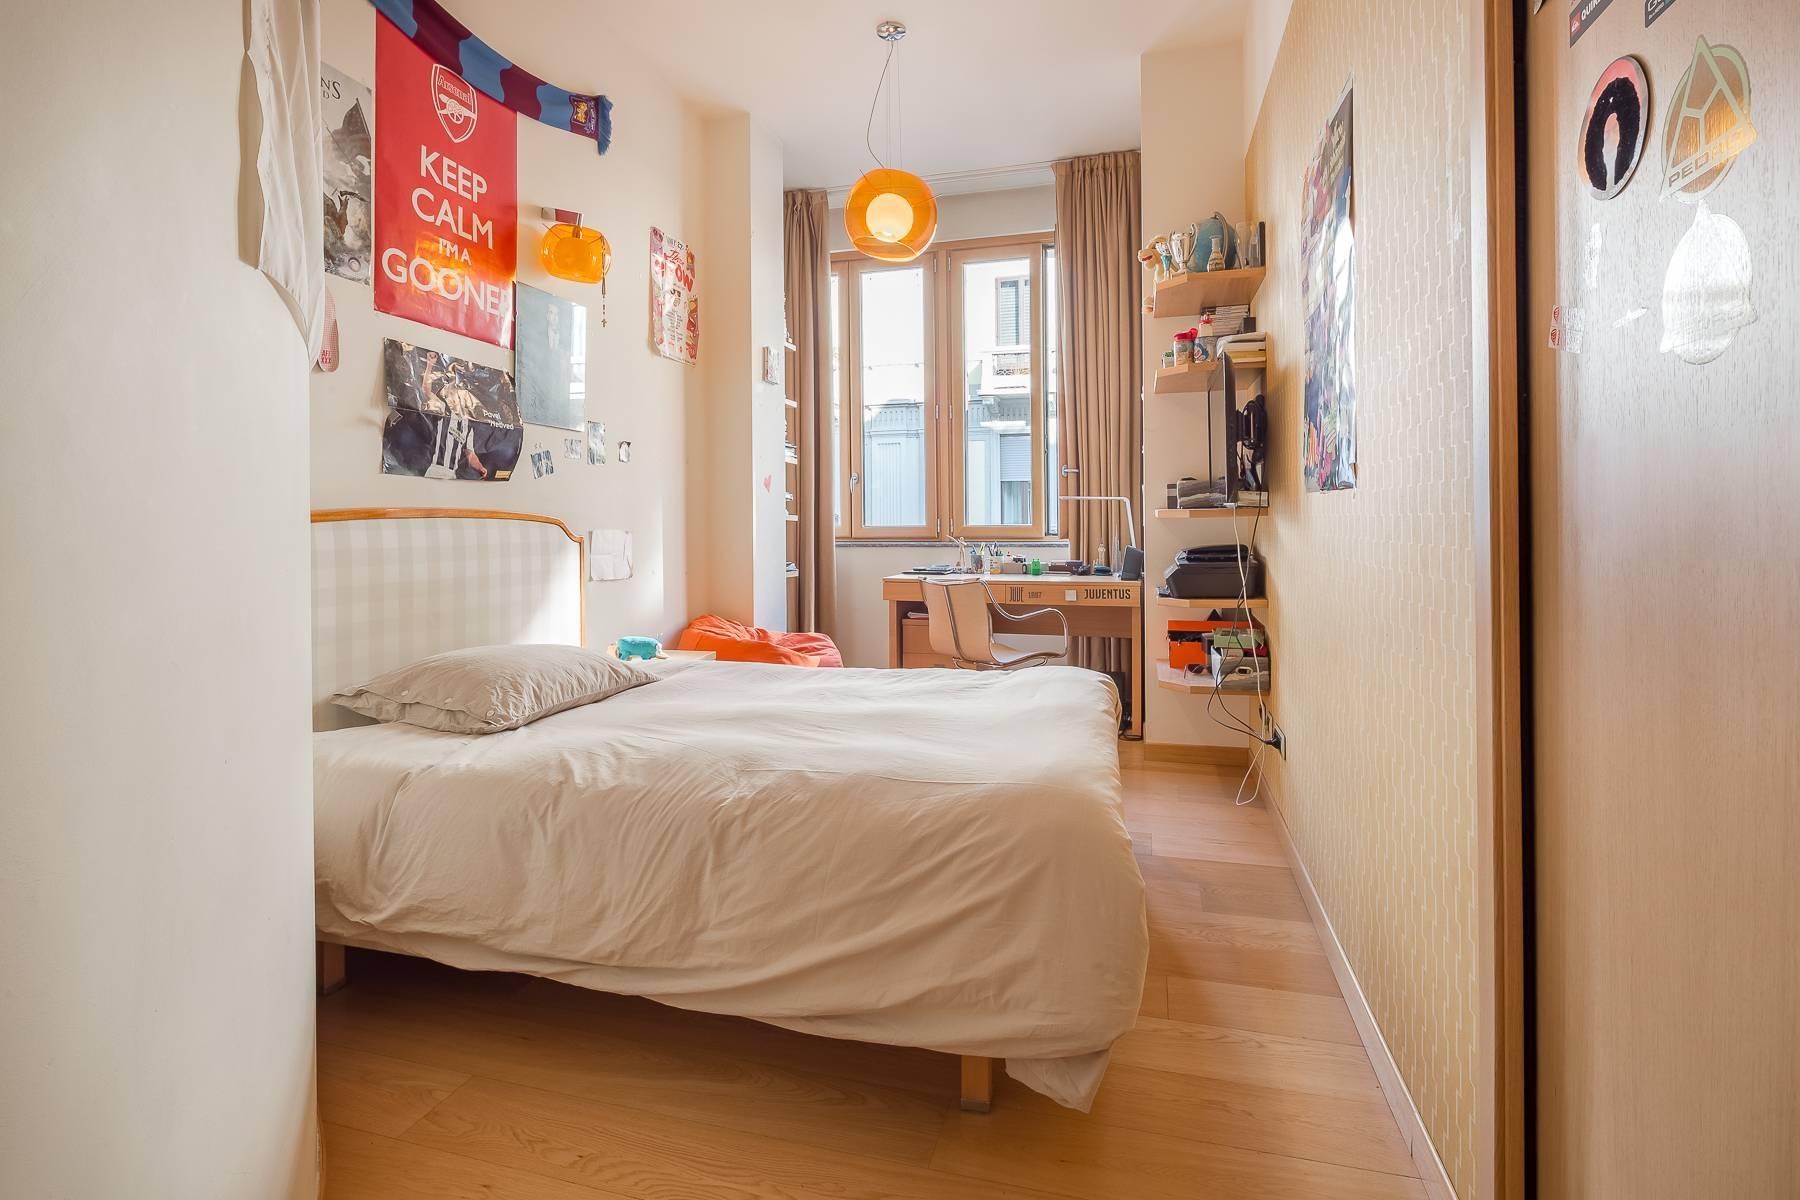 Квартира в классическом стиле на via Besana - 19